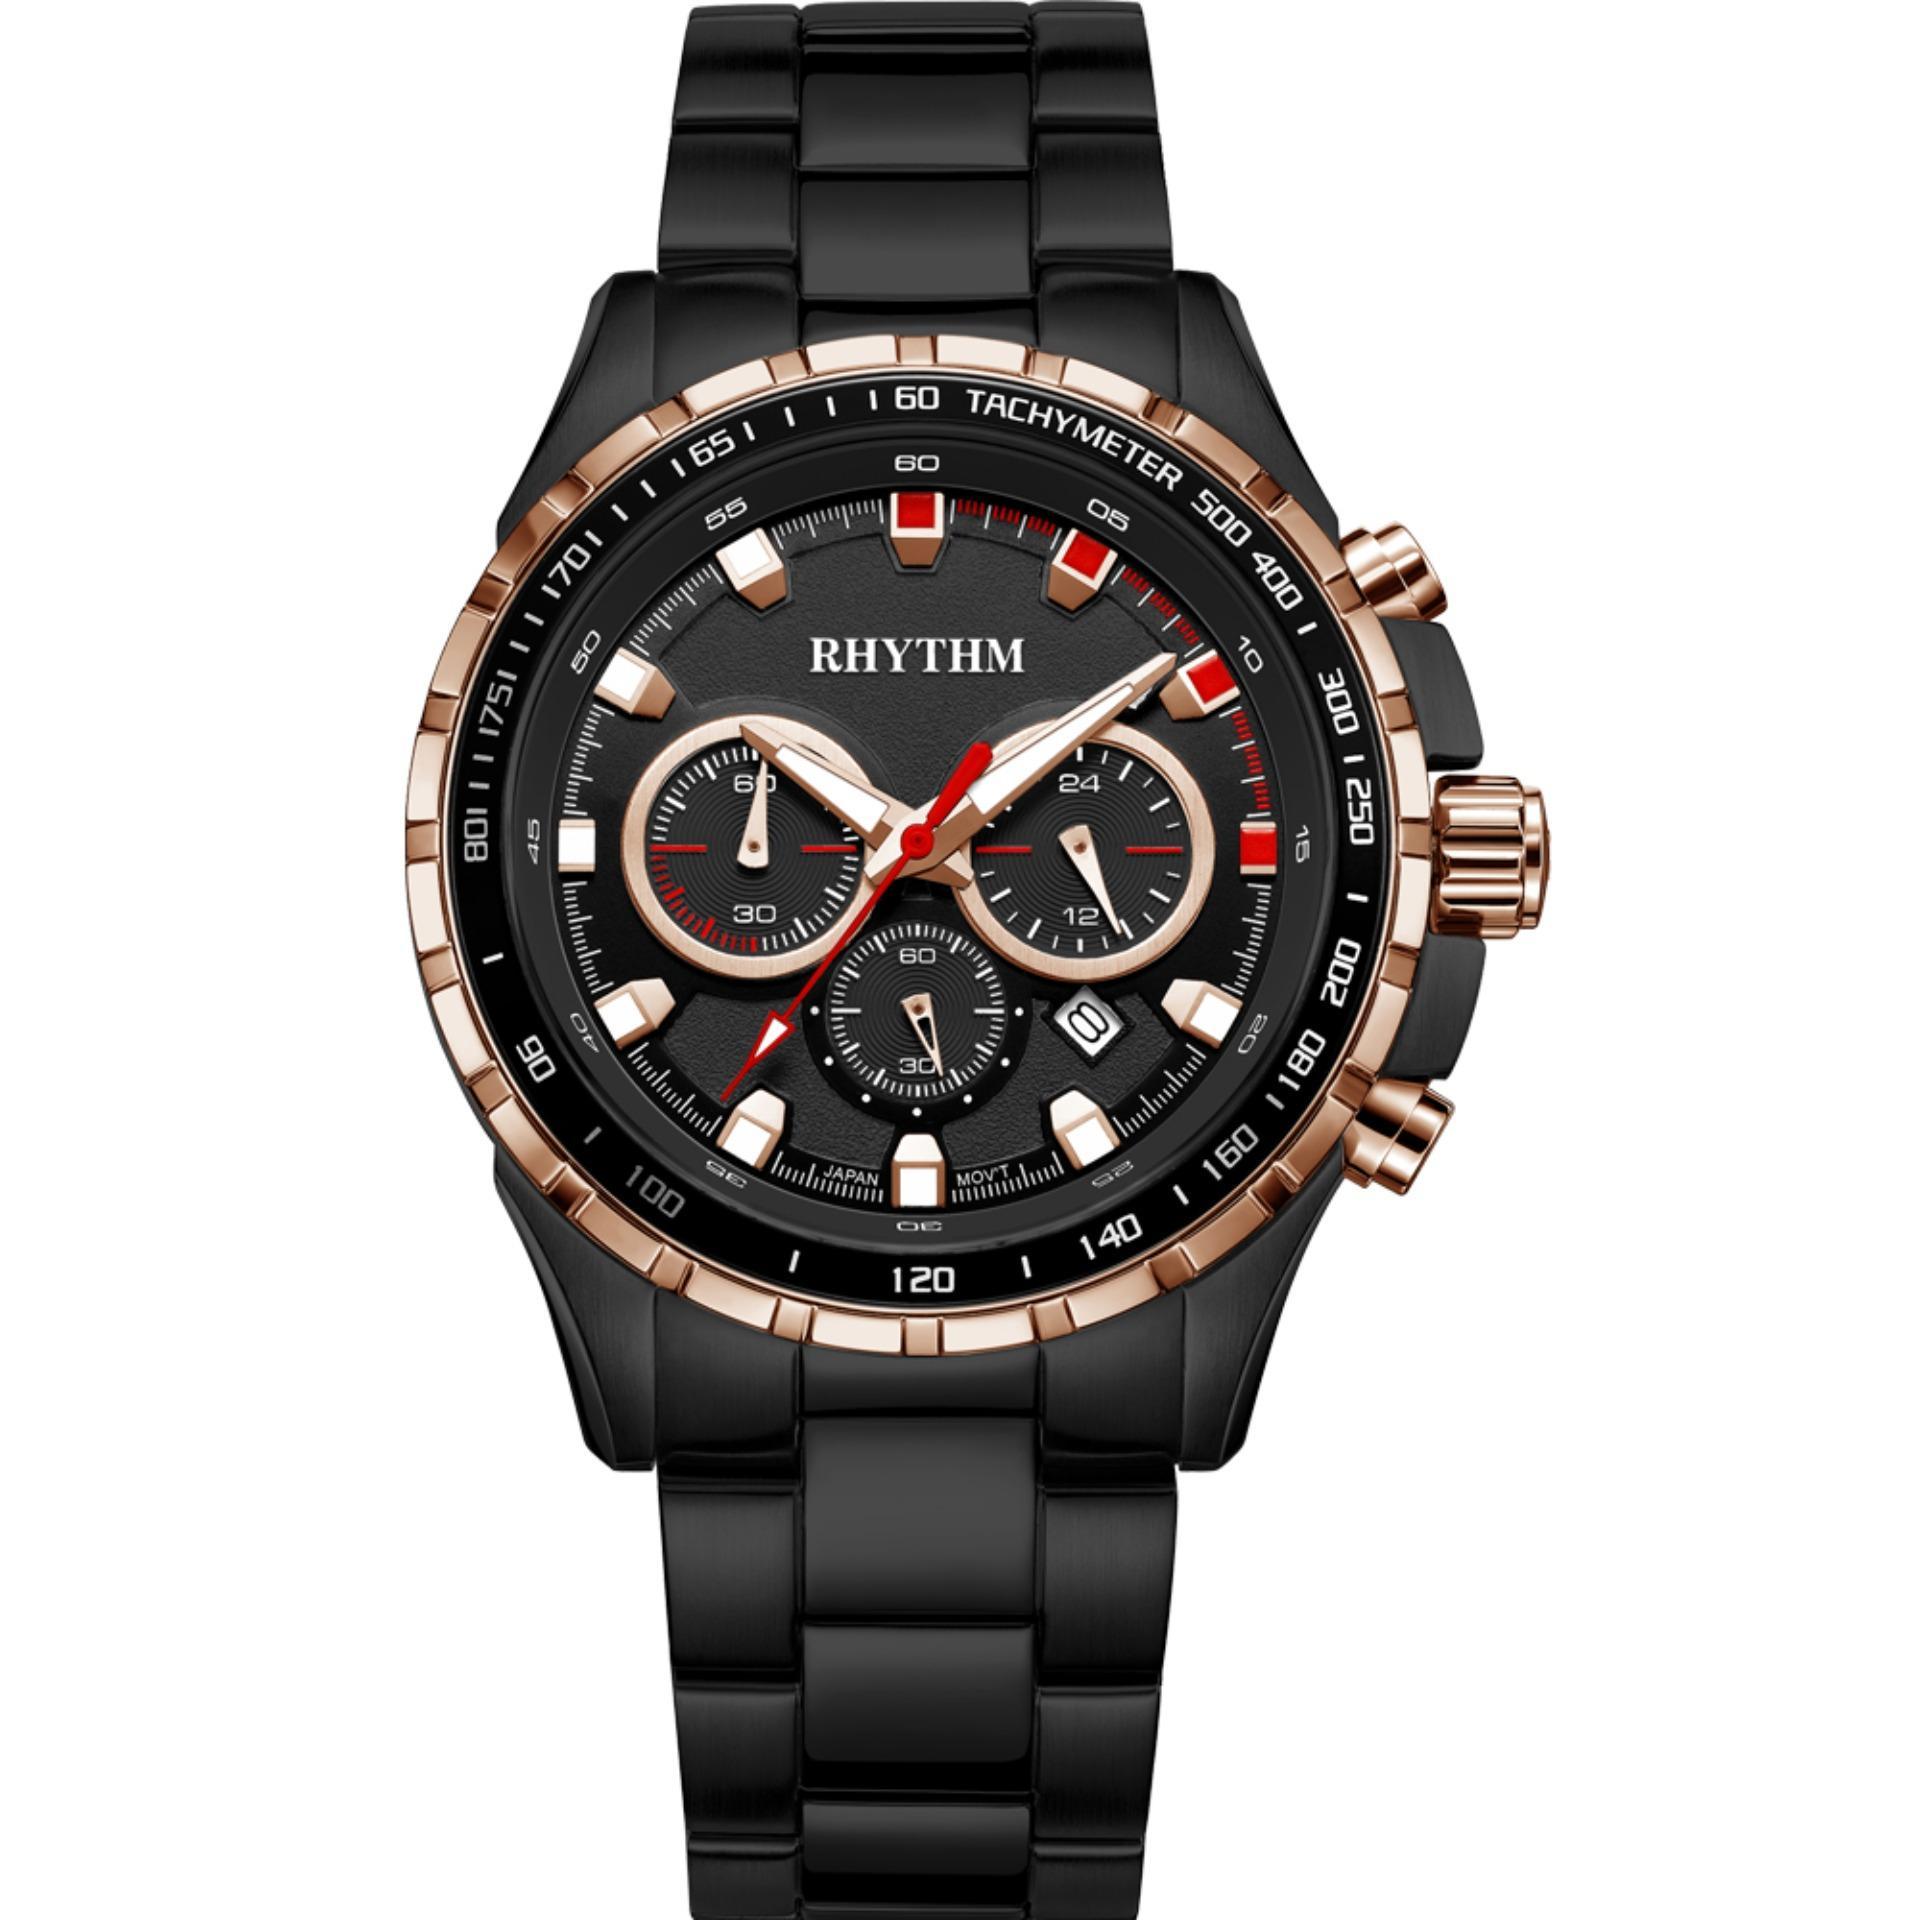 Jam Tangan Pria Rhythm General G1301s 05 Daftar Harga Terbaru Dan Global Timepiece Rq1611s 07 Silver Putih S1411s Stainless